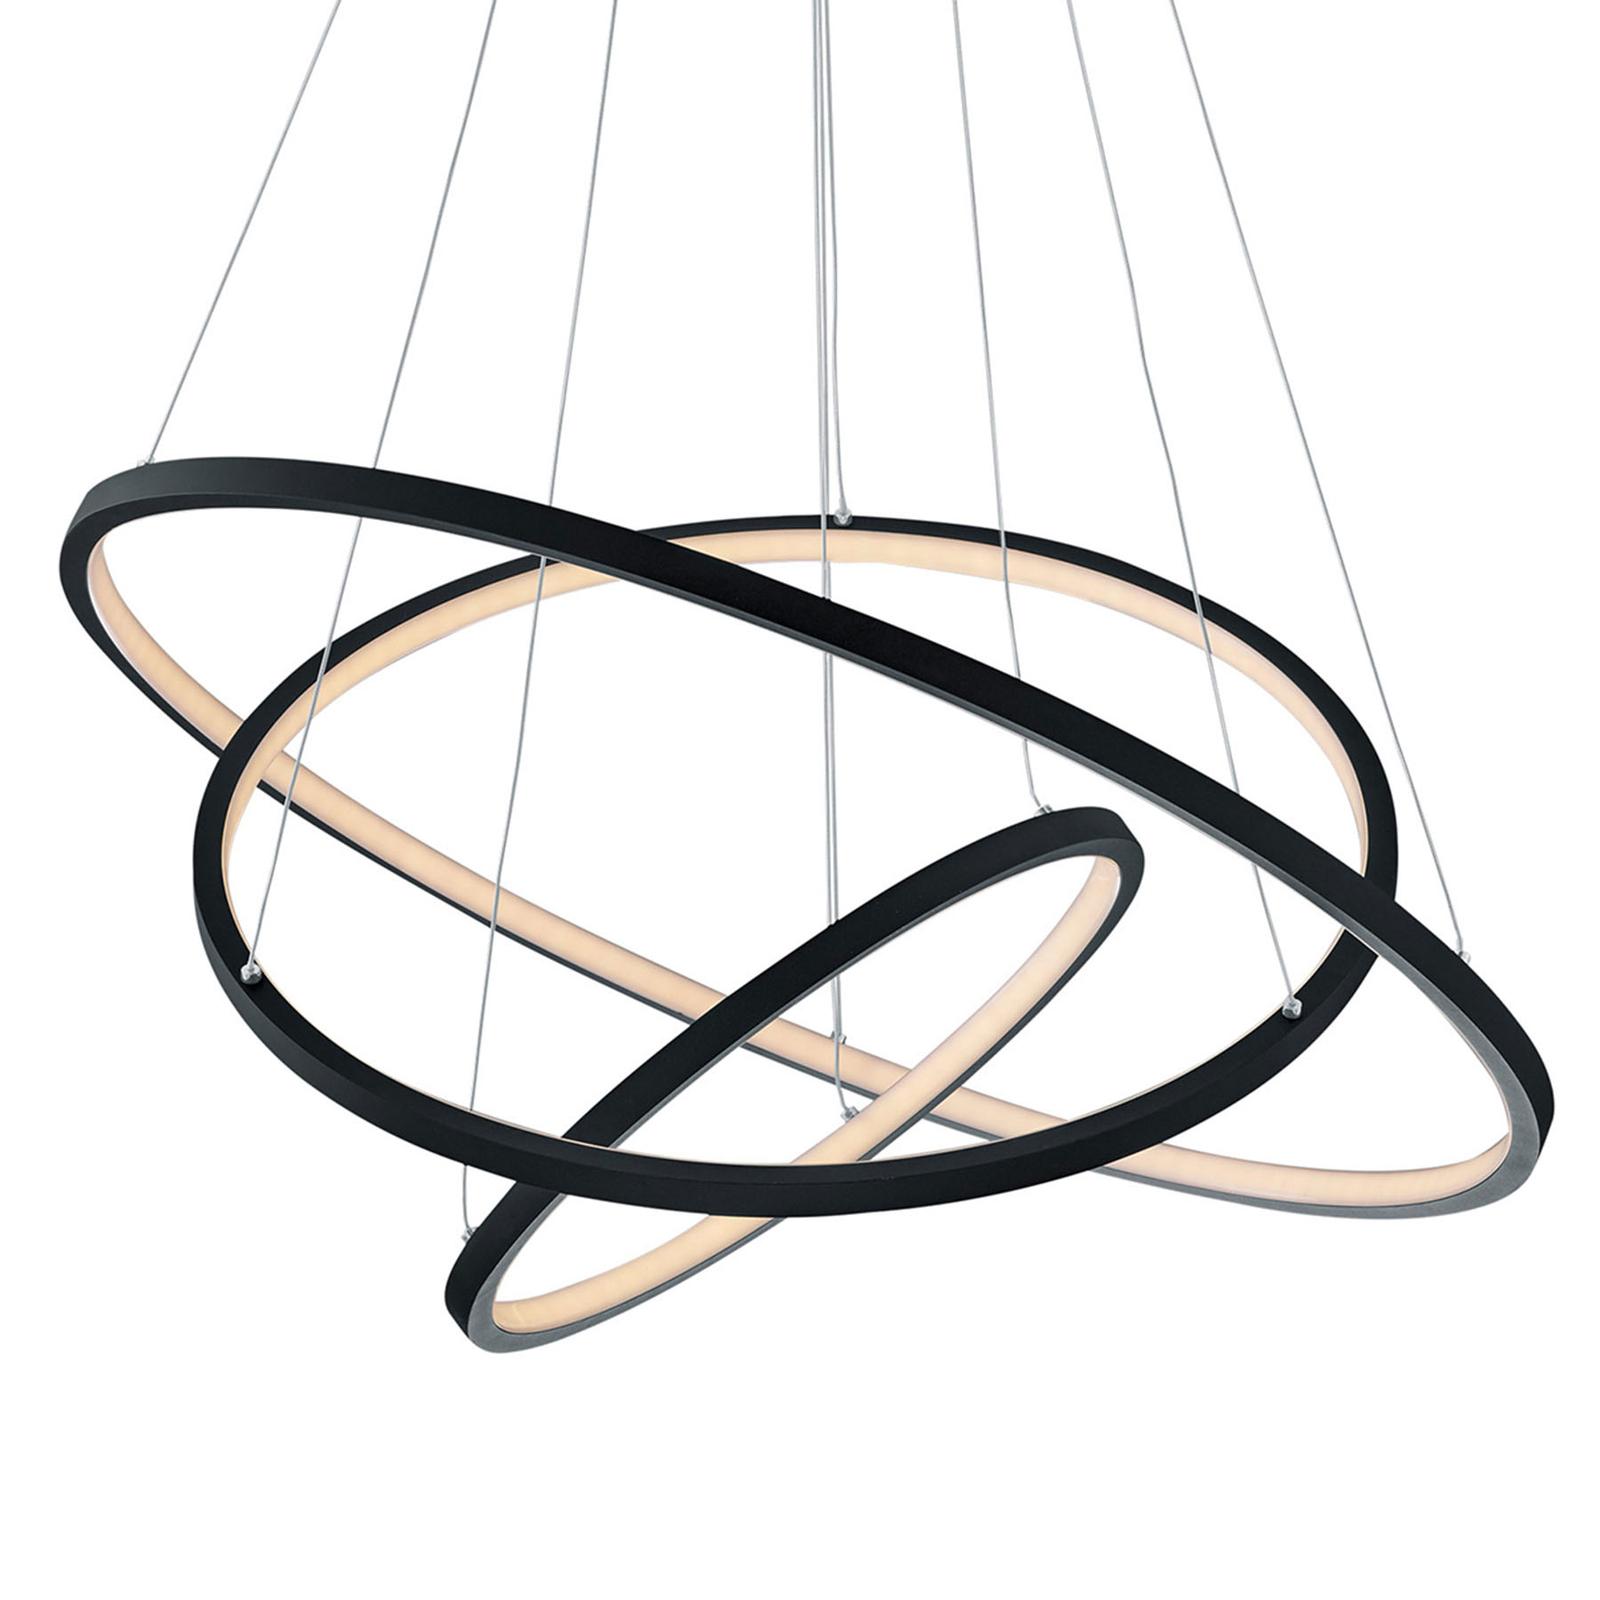 Trio WiZ Aaron lámpara colgante LED, antracita